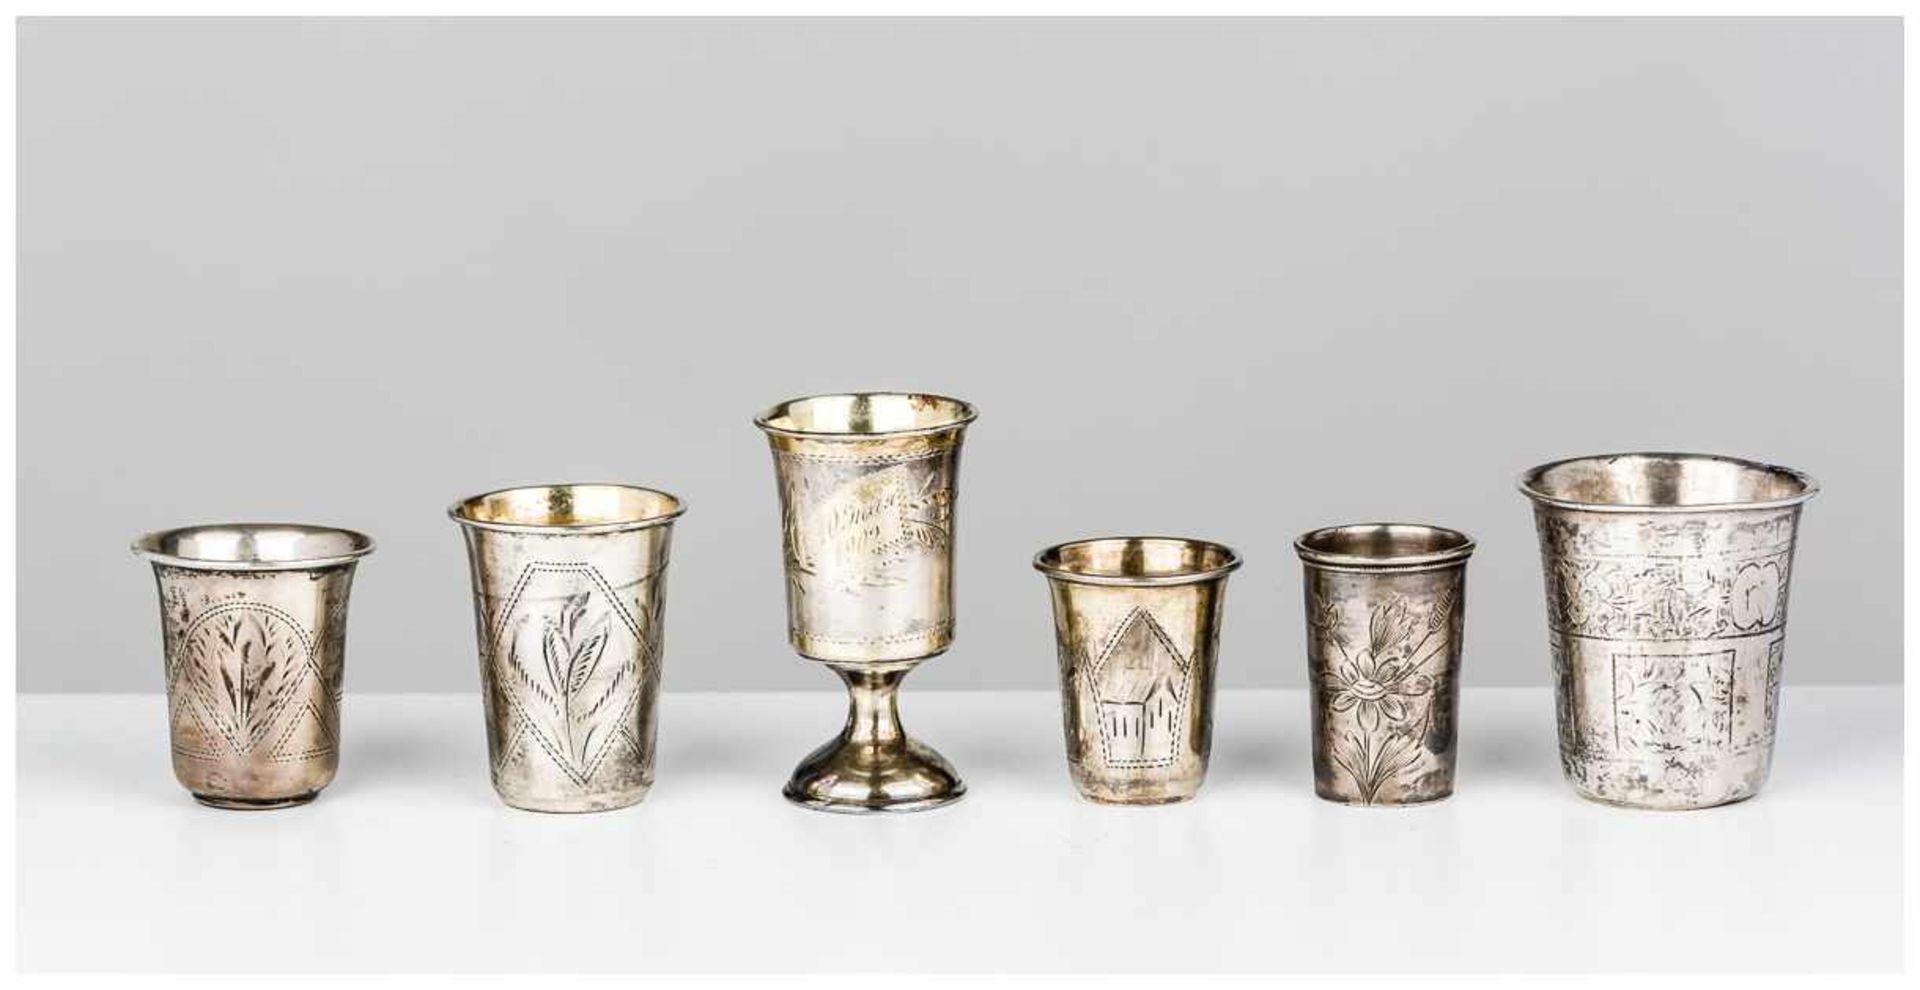 Los 10 - Sechs silberne Vodka-Becher verschiedene Meister, alle gestempelt, von ca. 1870 bis um 1900,